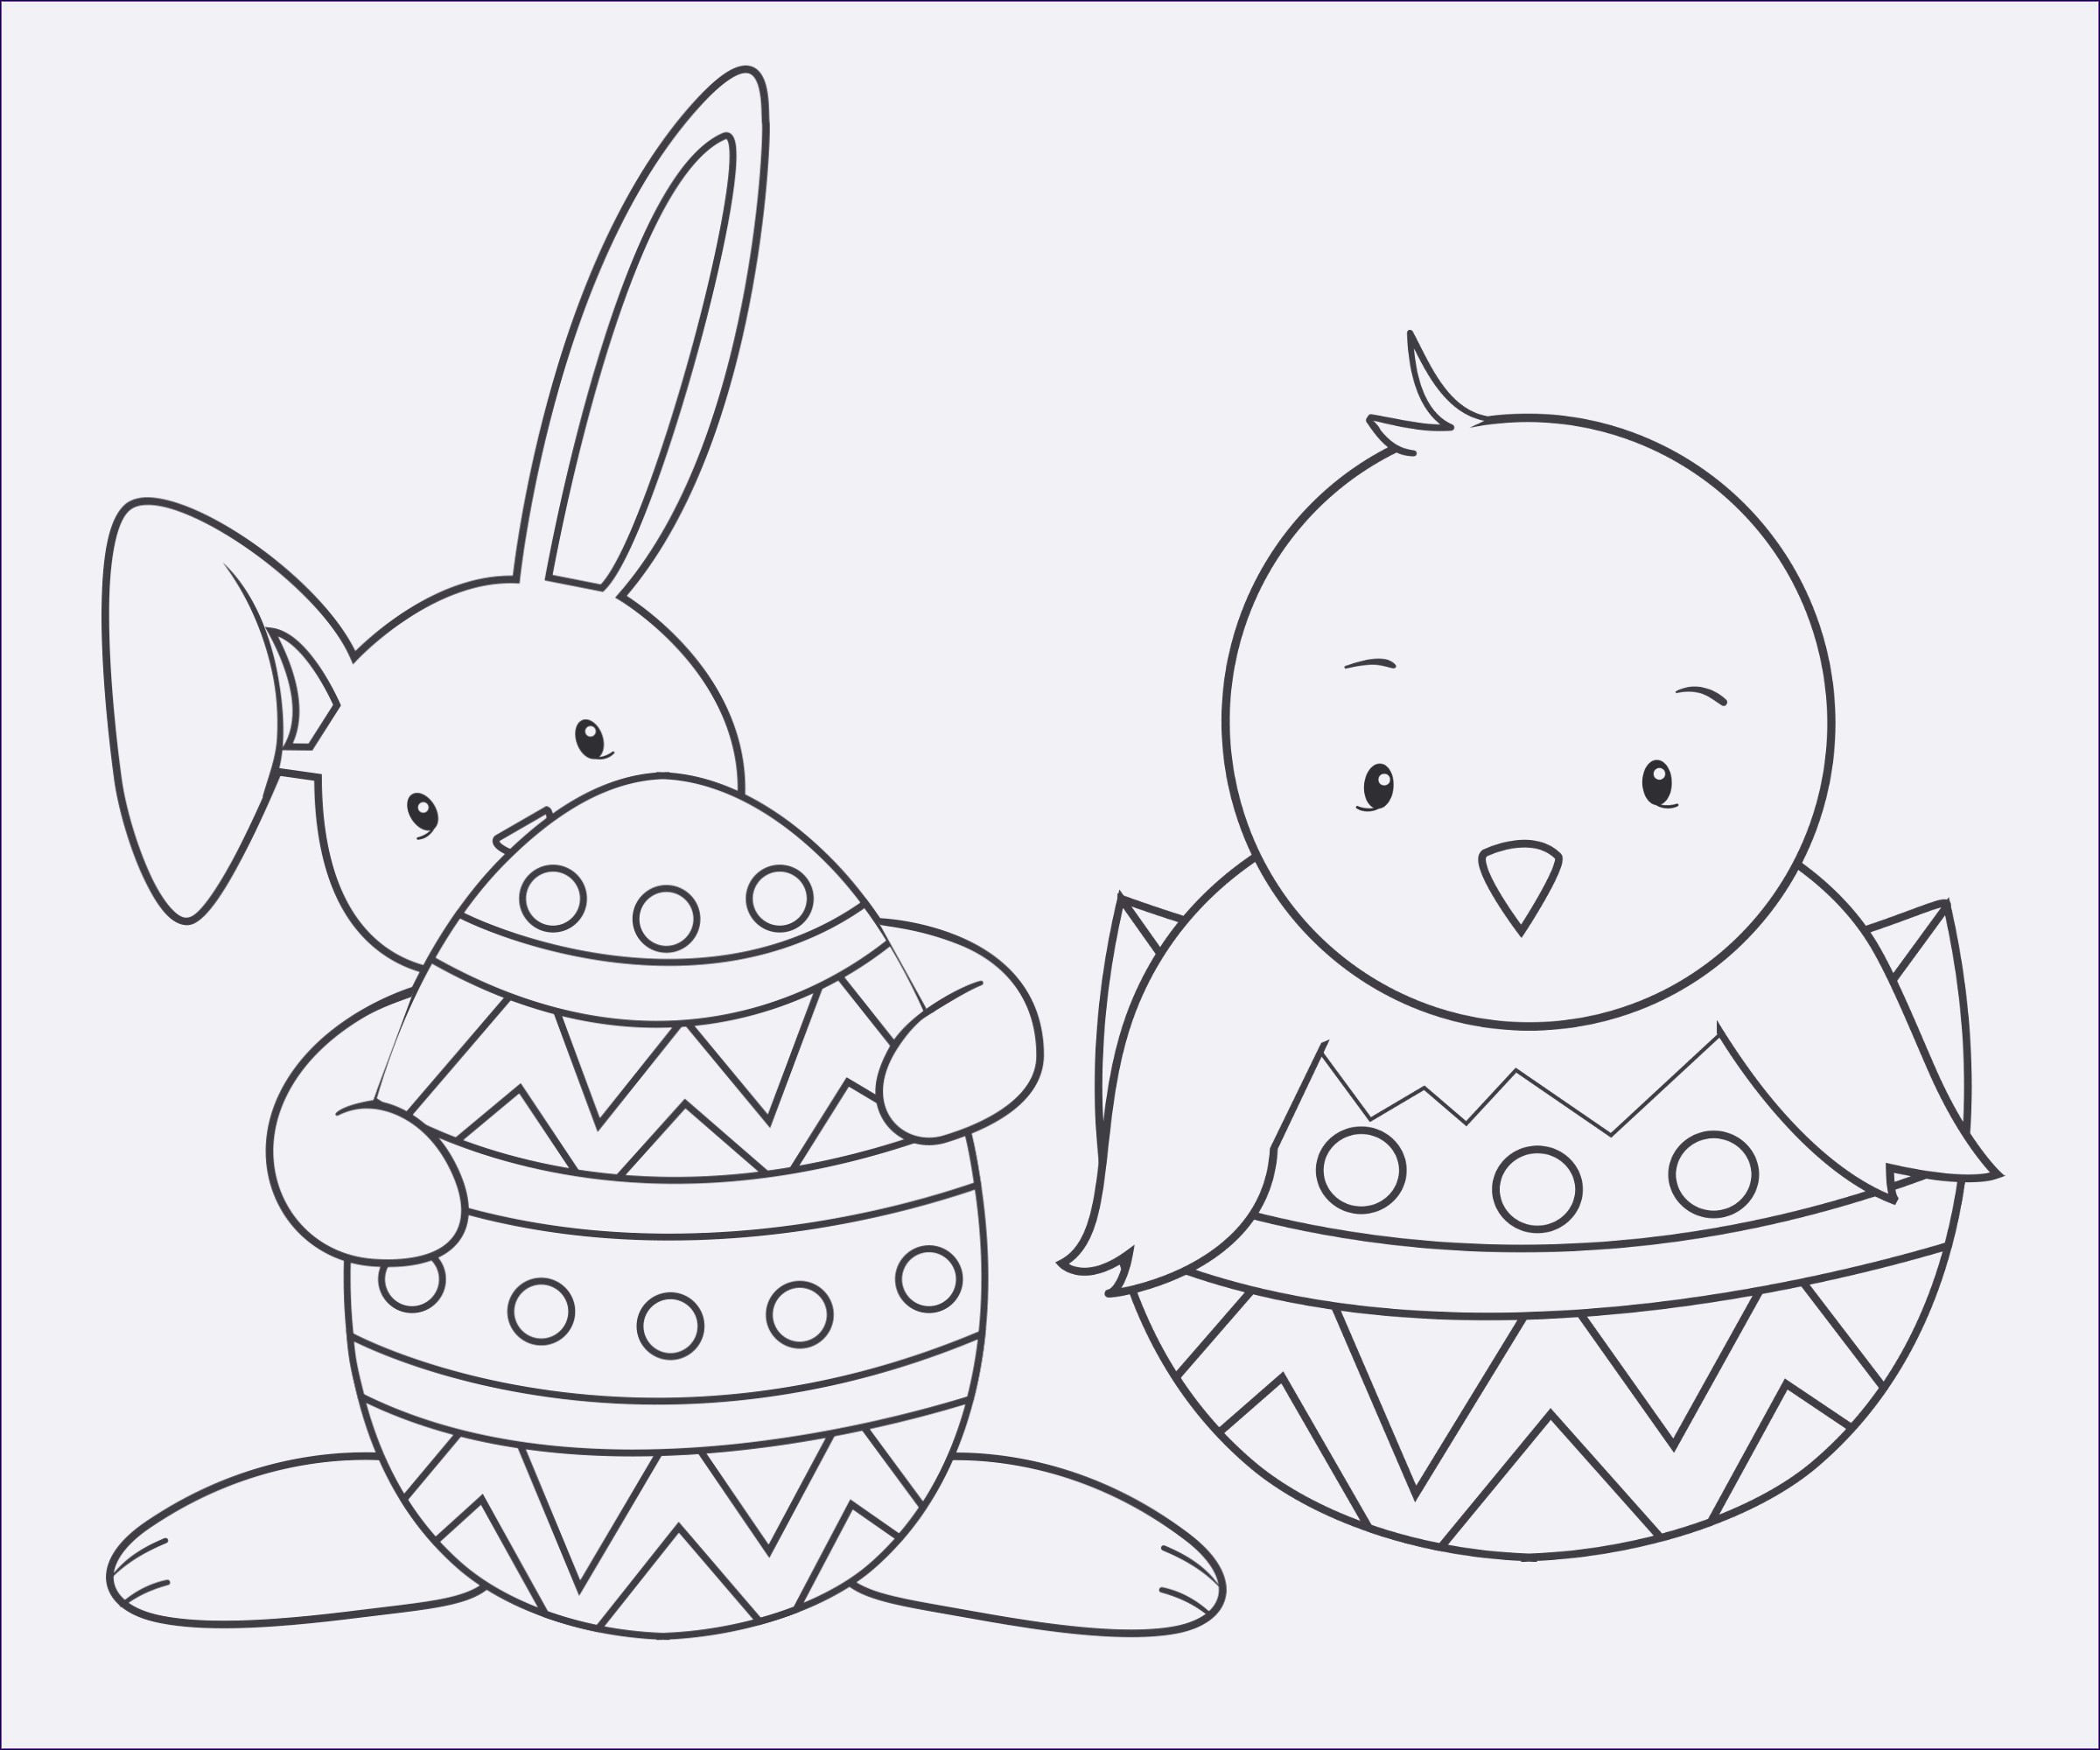 Disney Ausmalbilder Gratis Zum Drucken Einzigartig Disney Ostern Malvorlagen Zum Ausdrucken Barden Bilder